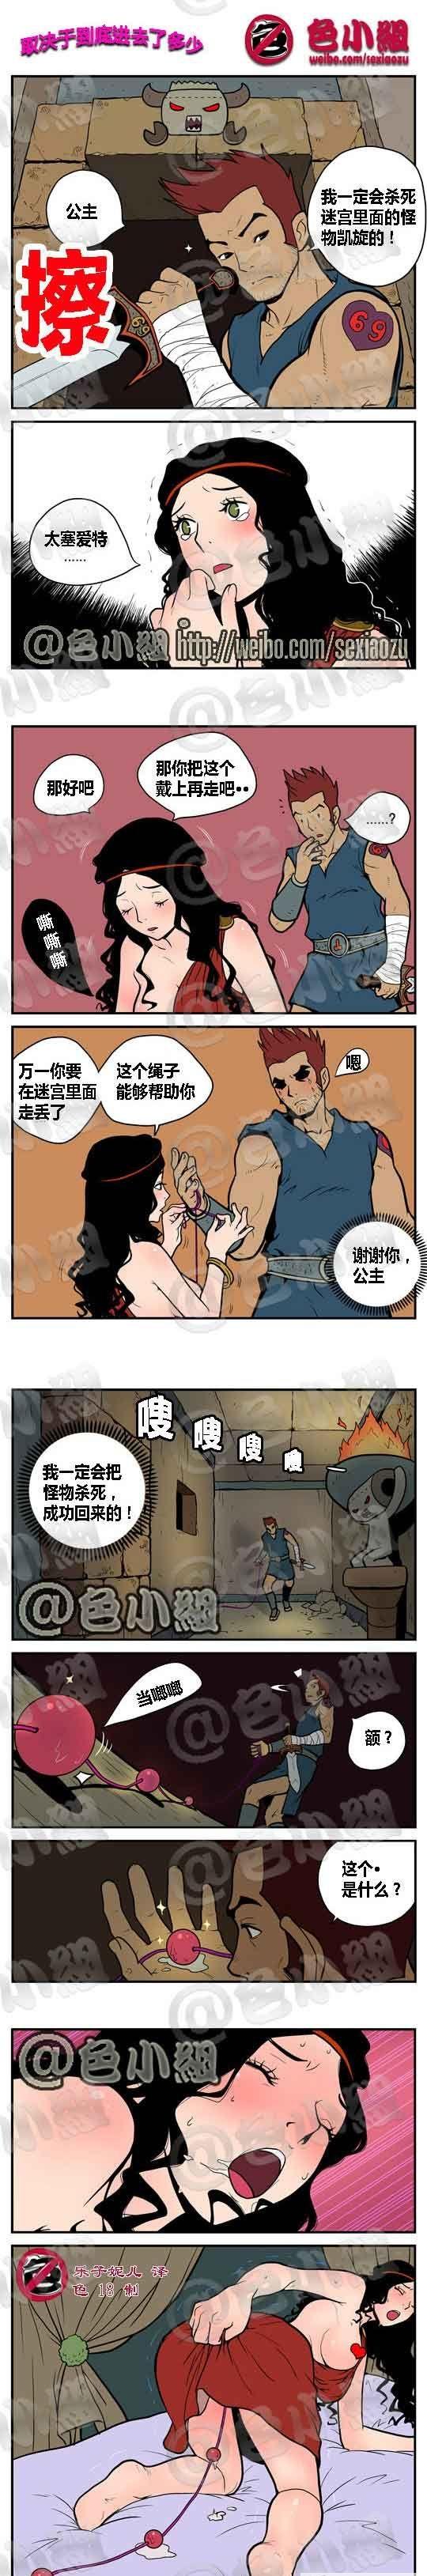 色动漫网盘_色小组漫画大全:公主的绳子